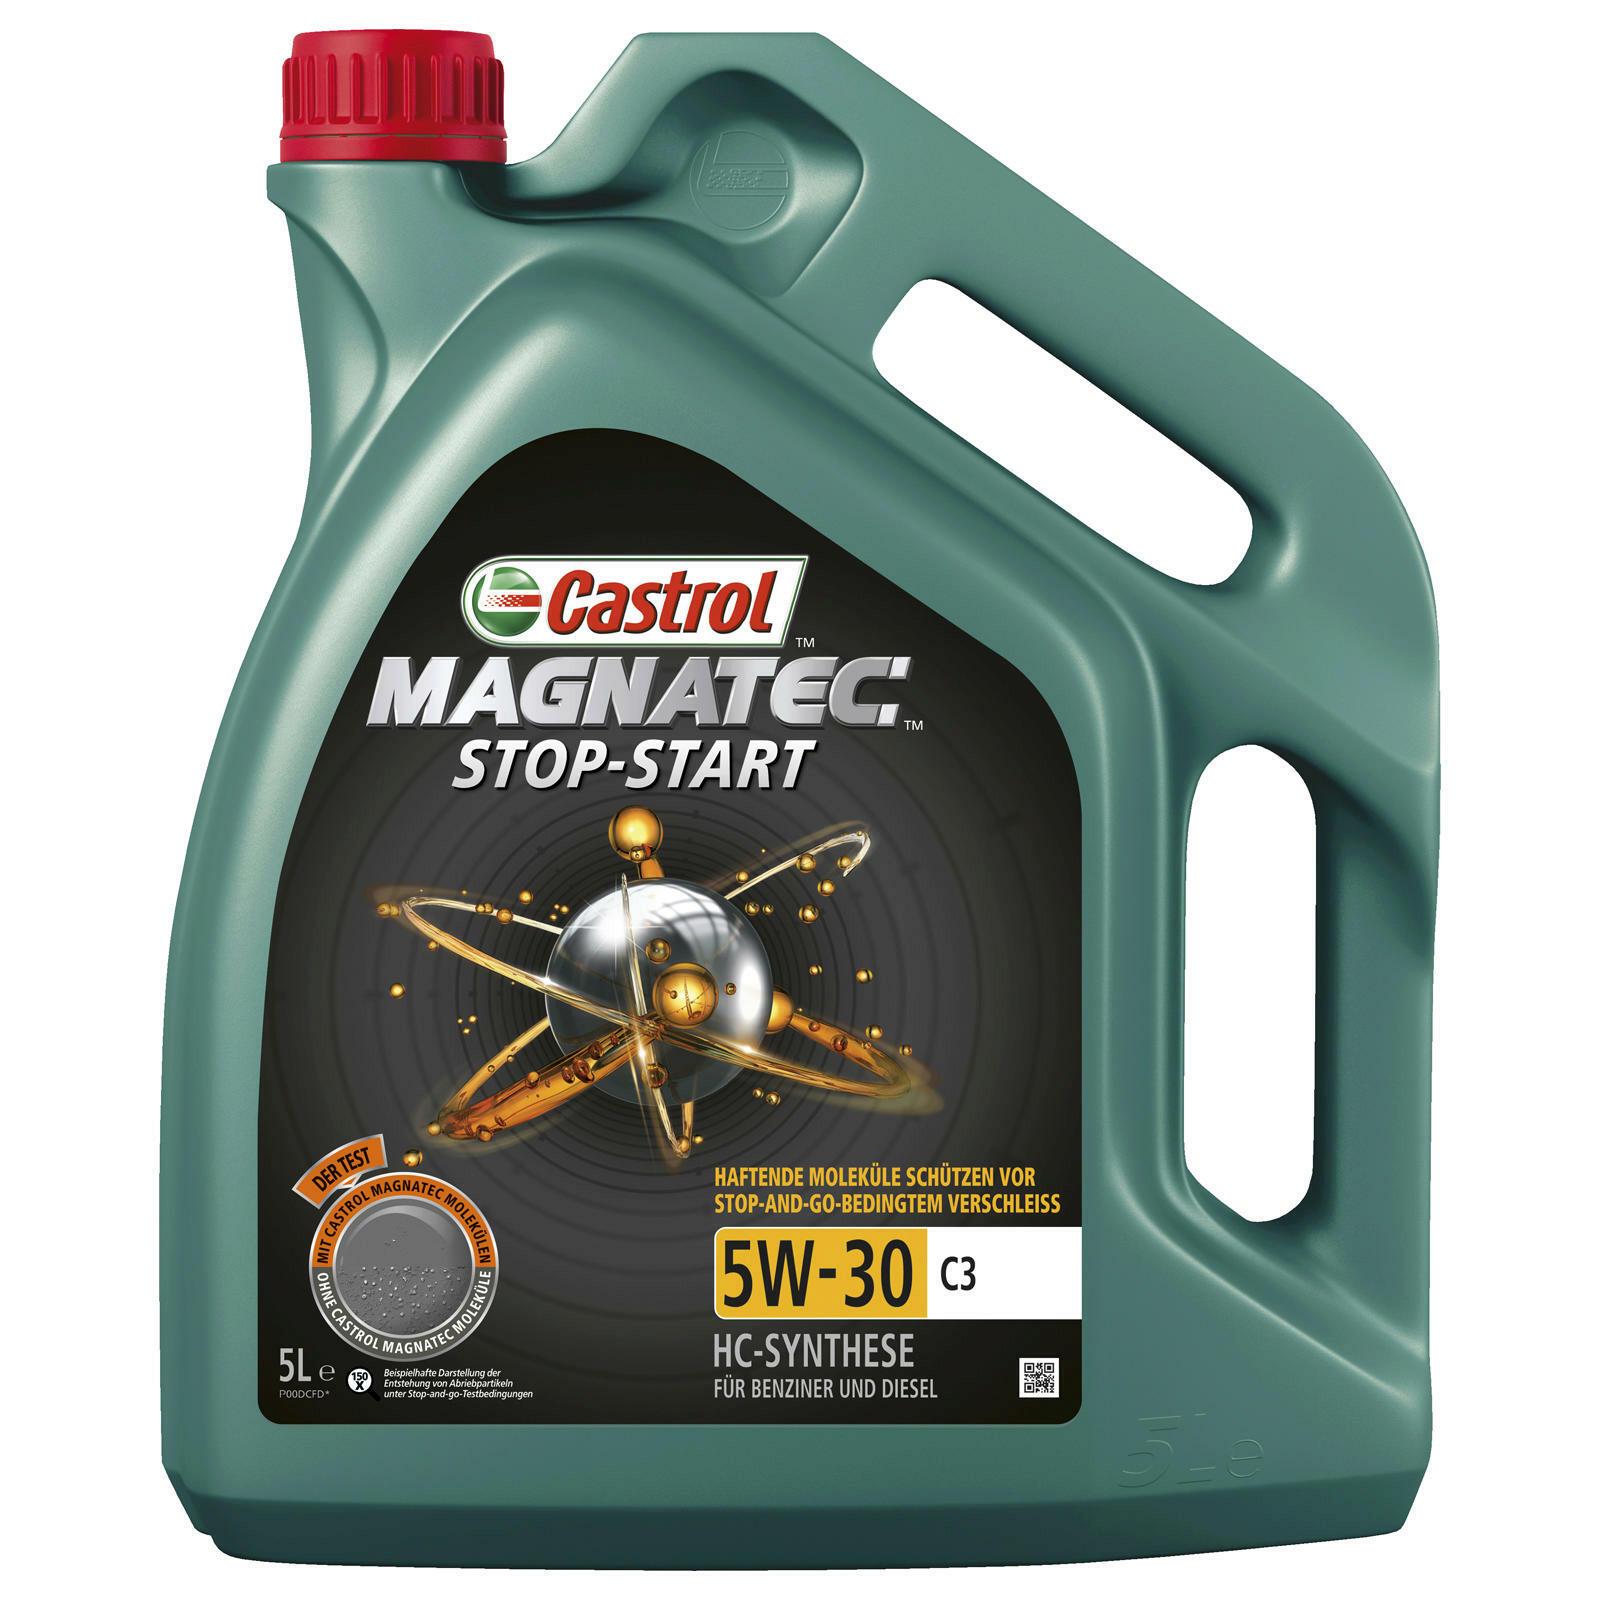 CASTROL Engine Oil MAGNATEC STOP-START 5W-30 C3